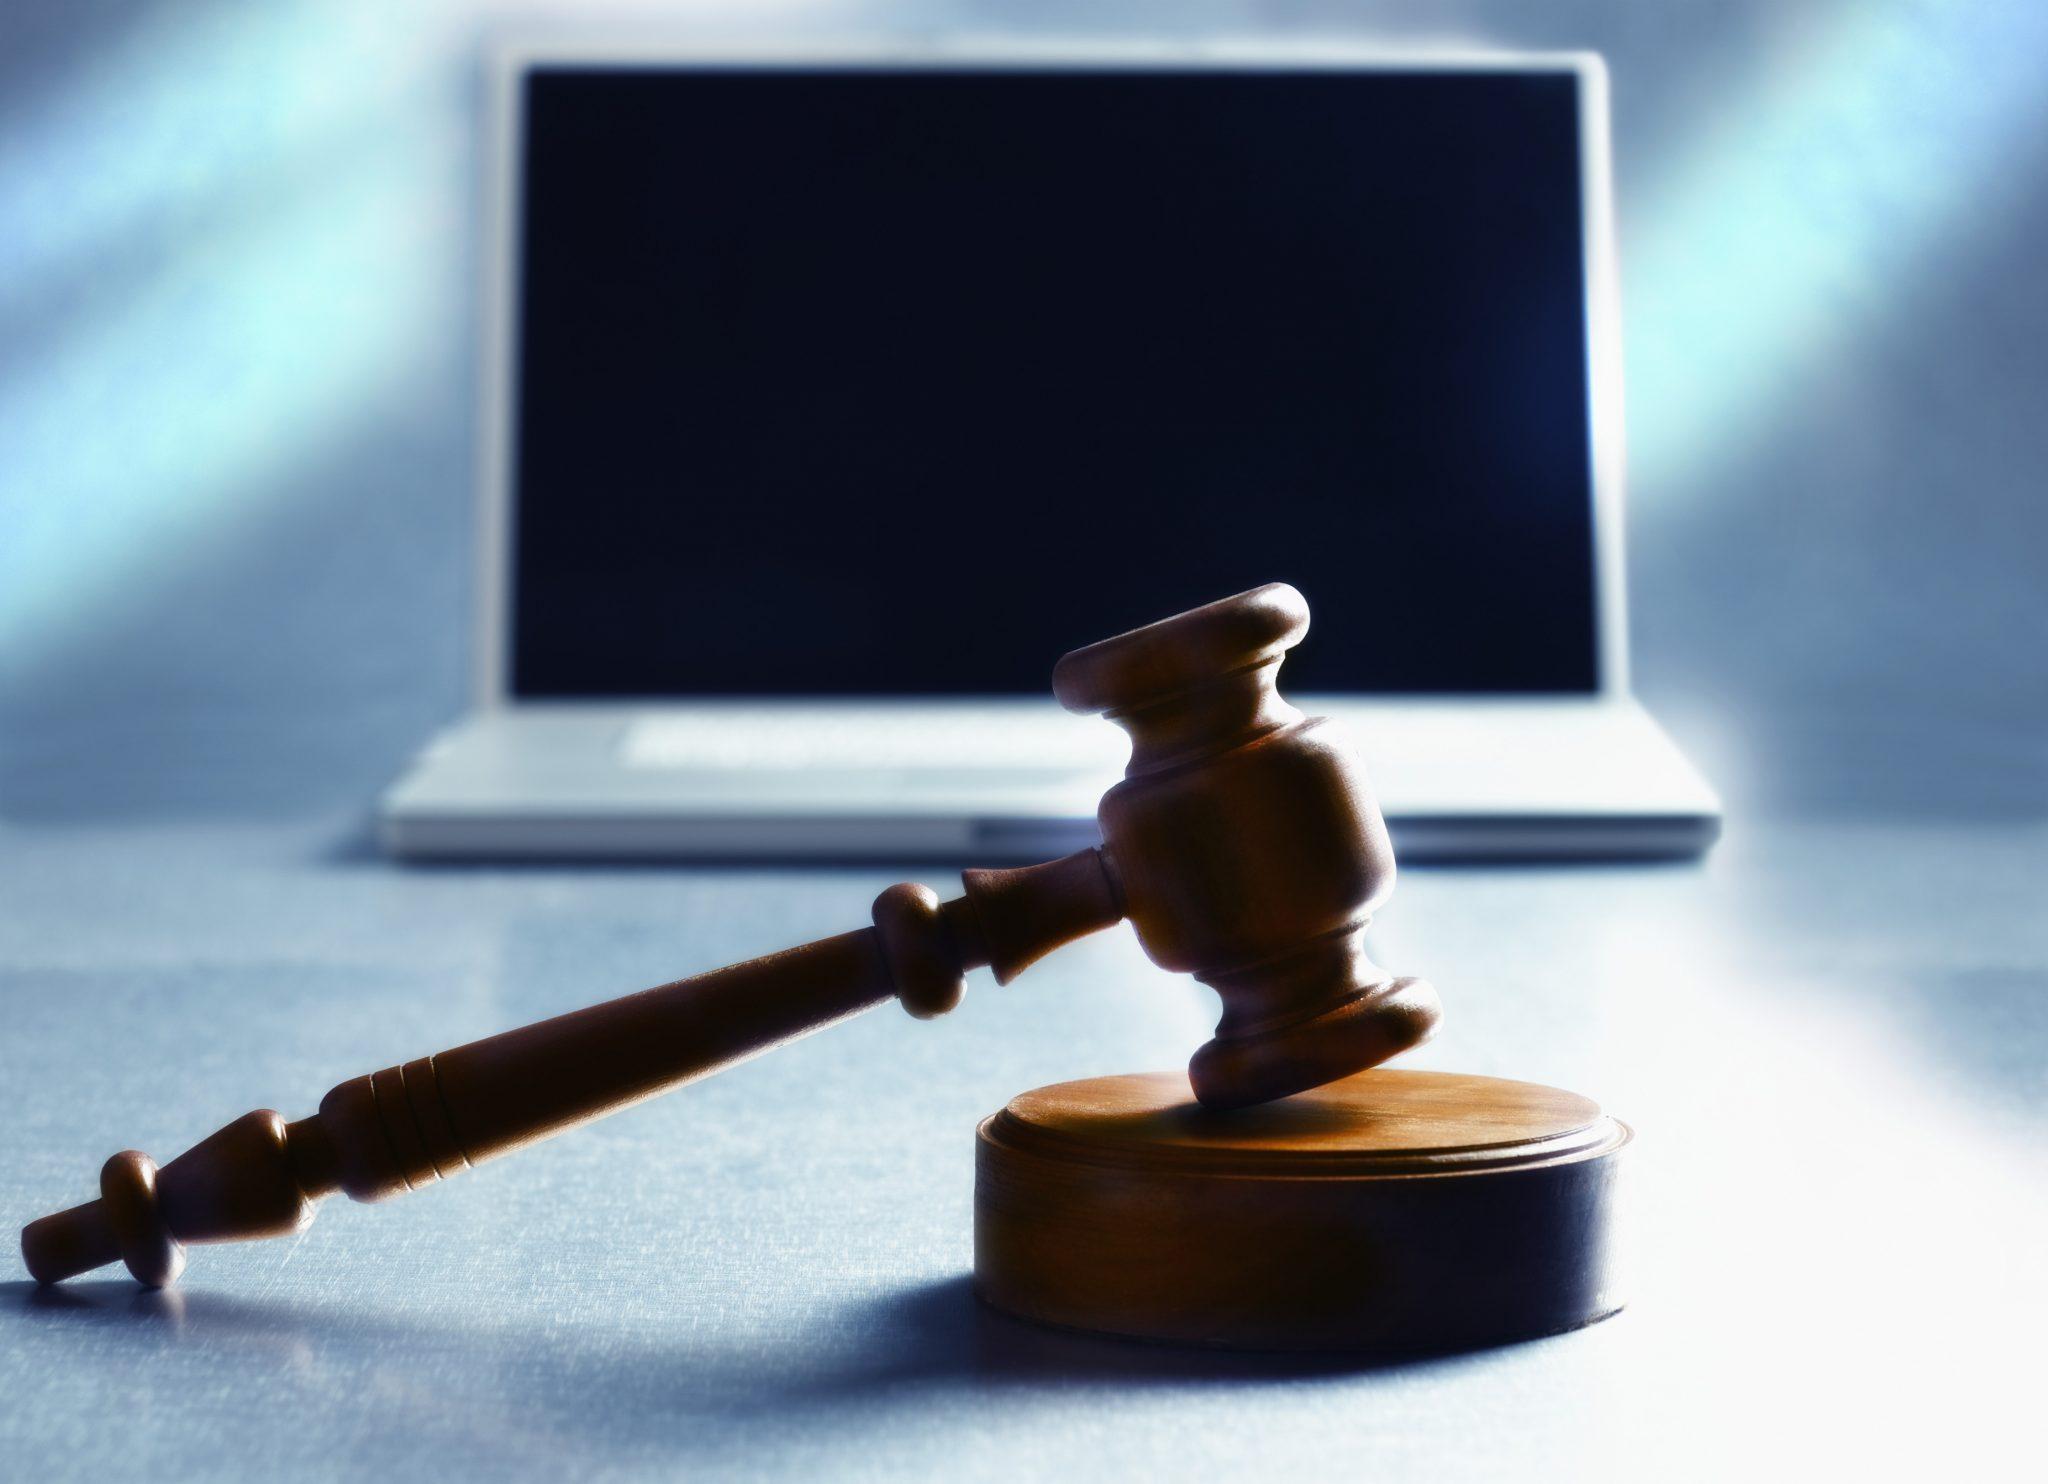 Giustizia «Vanno fissati obiettivi realizzabili»